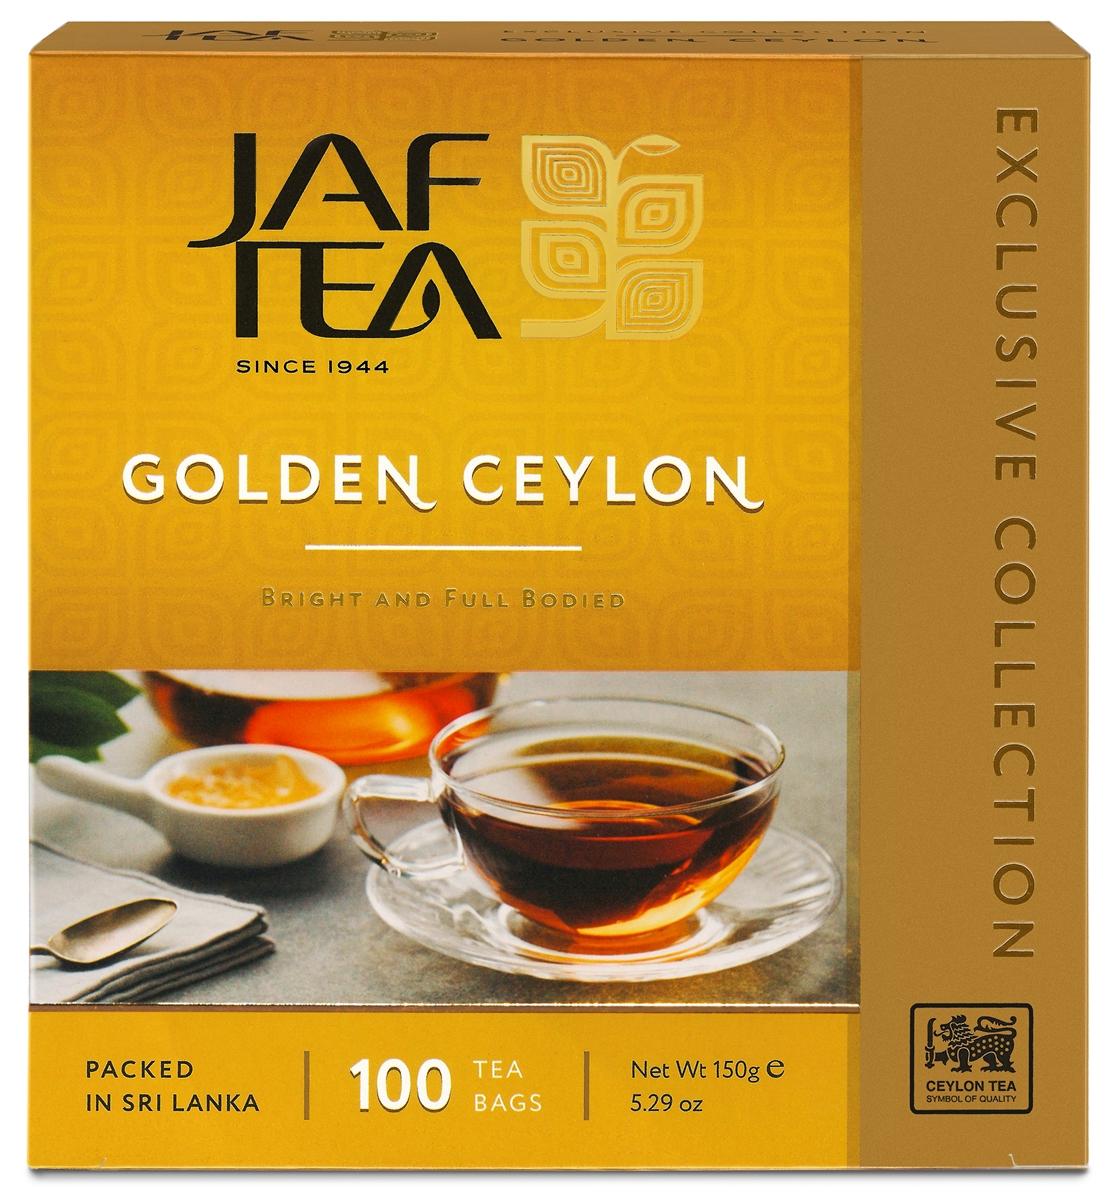 Jaf Tea Golden Ceylon чай черный в пакетиках, 100 шт danker ceylon estate чай черный цейлонский мелкий в пакетиках 100 шт